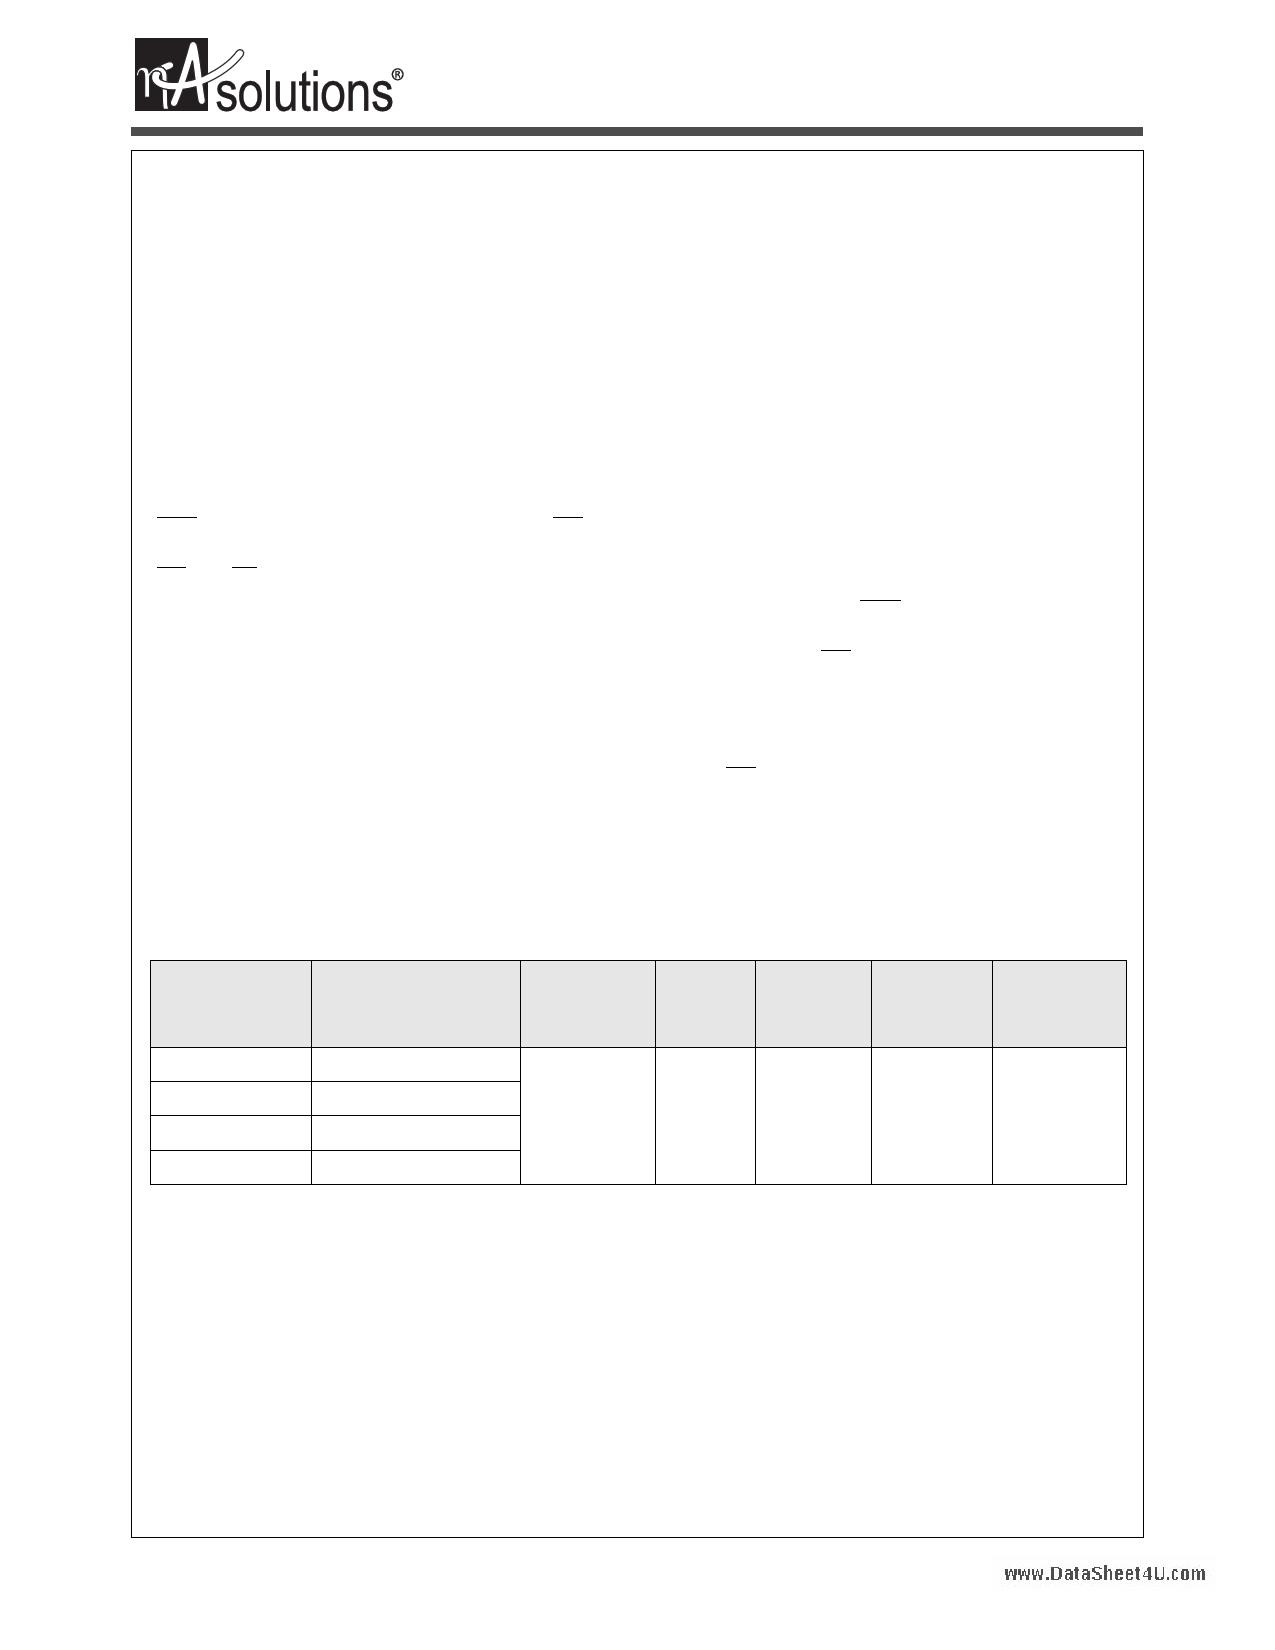 N04L163WC2A دیتاشیت PDF